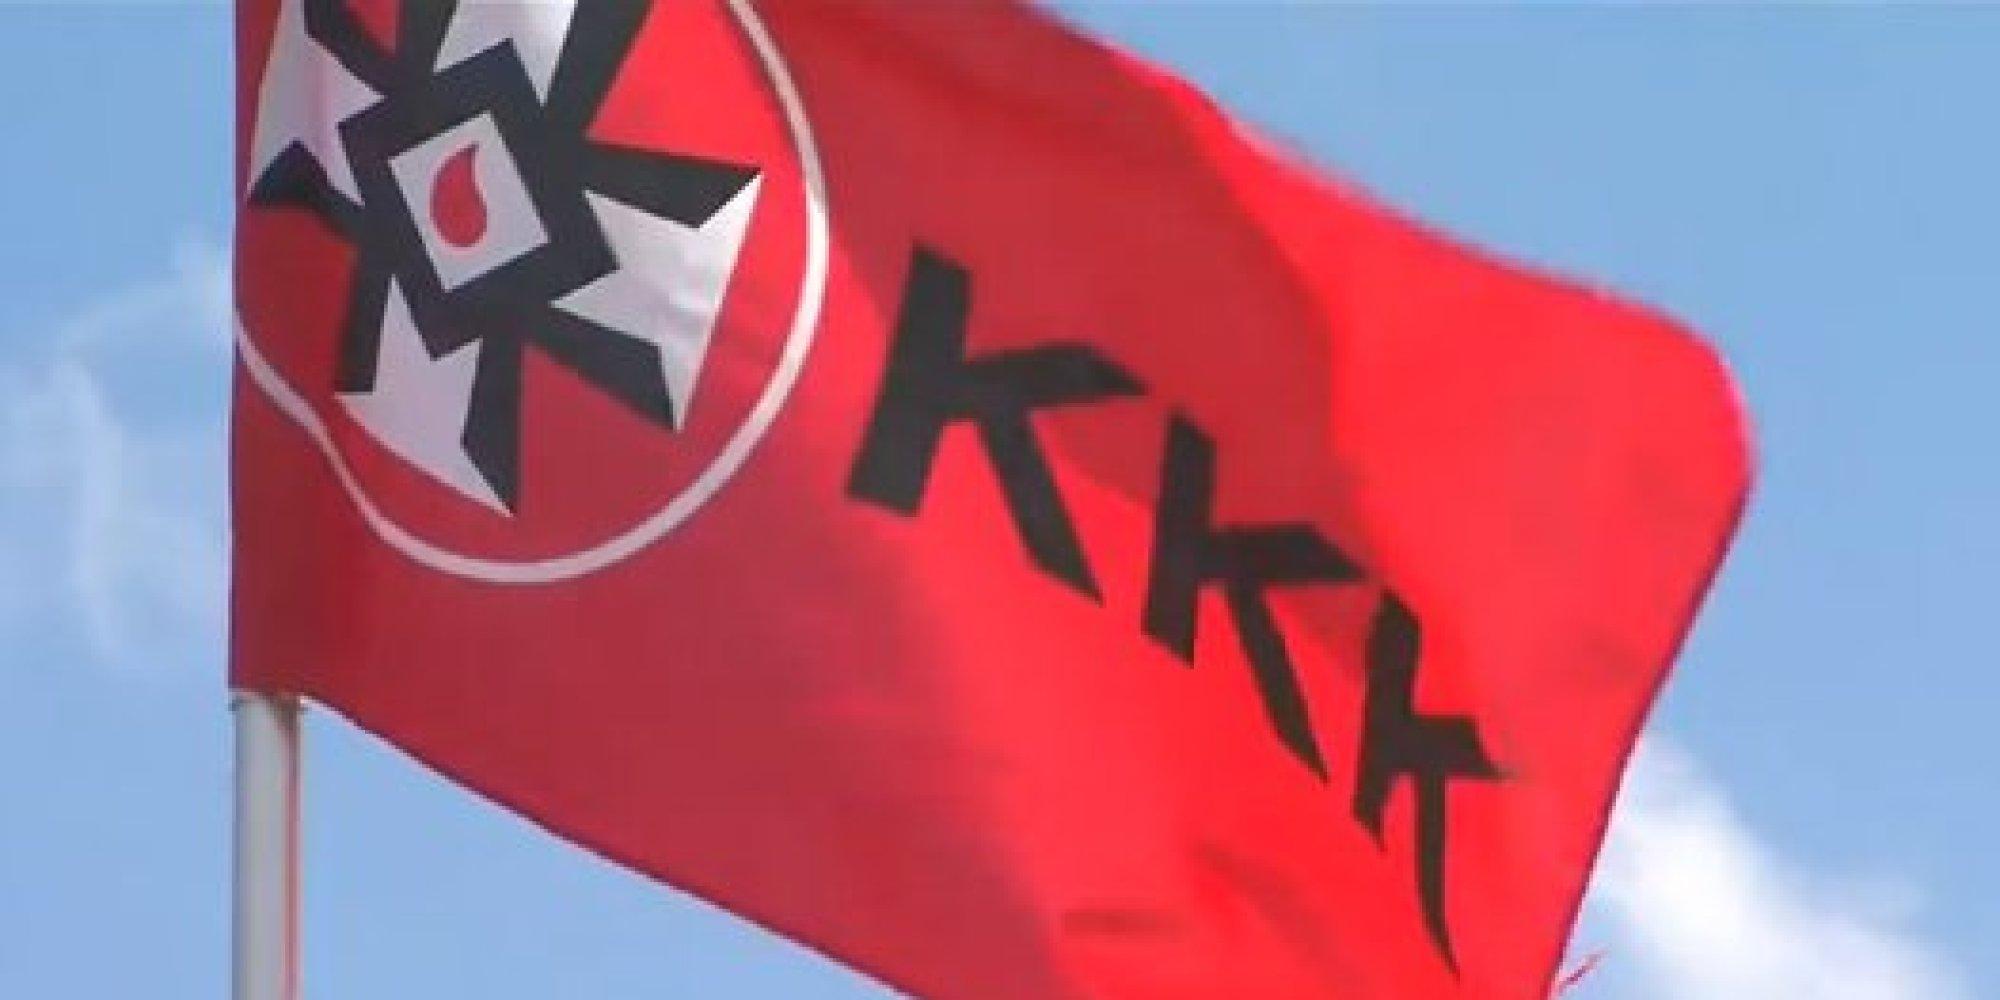 kkkflag